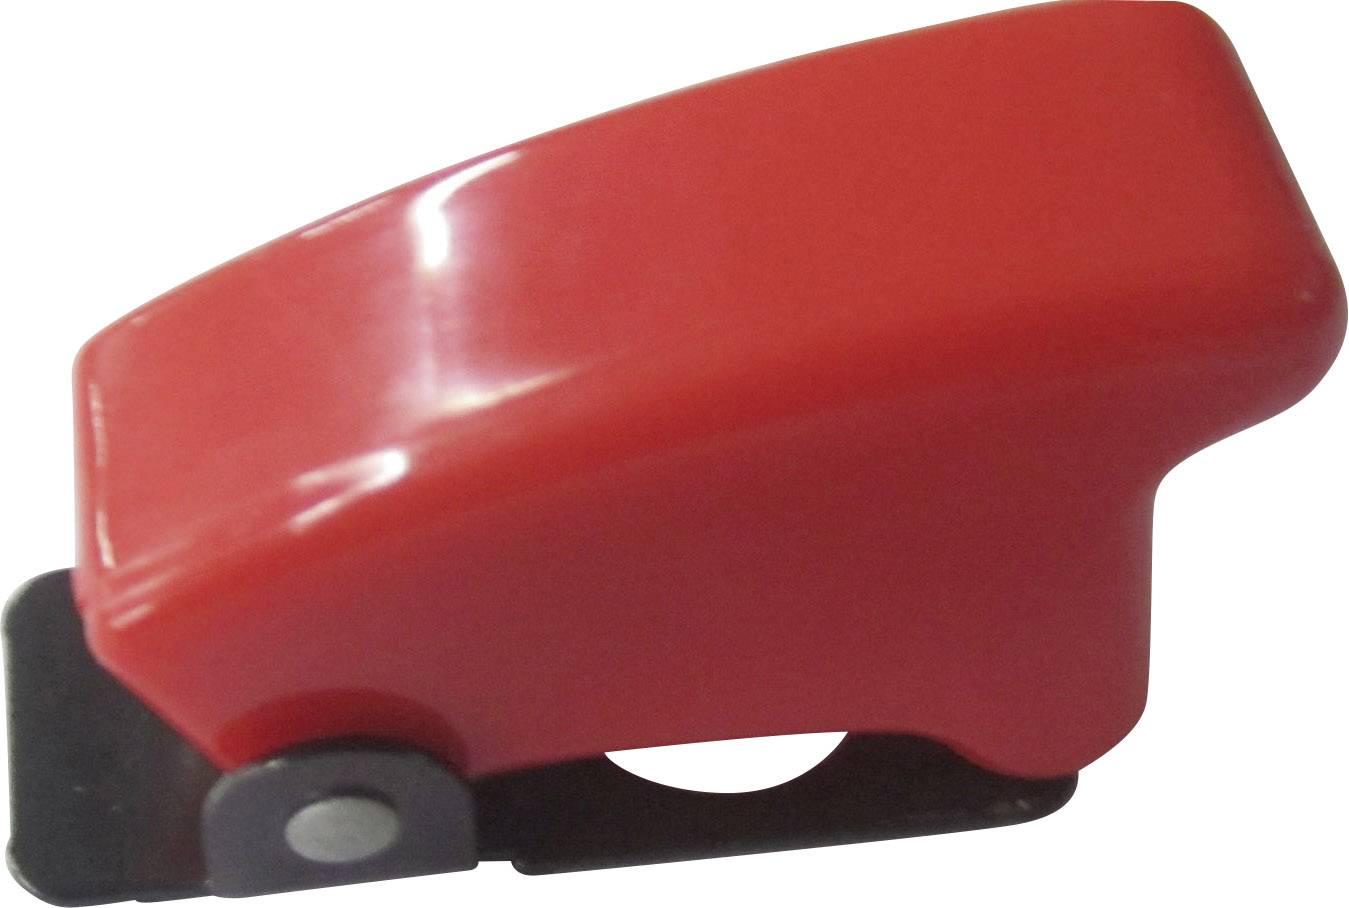 Ochranný klobouček SCI R17-10, R17-10 RED, červená